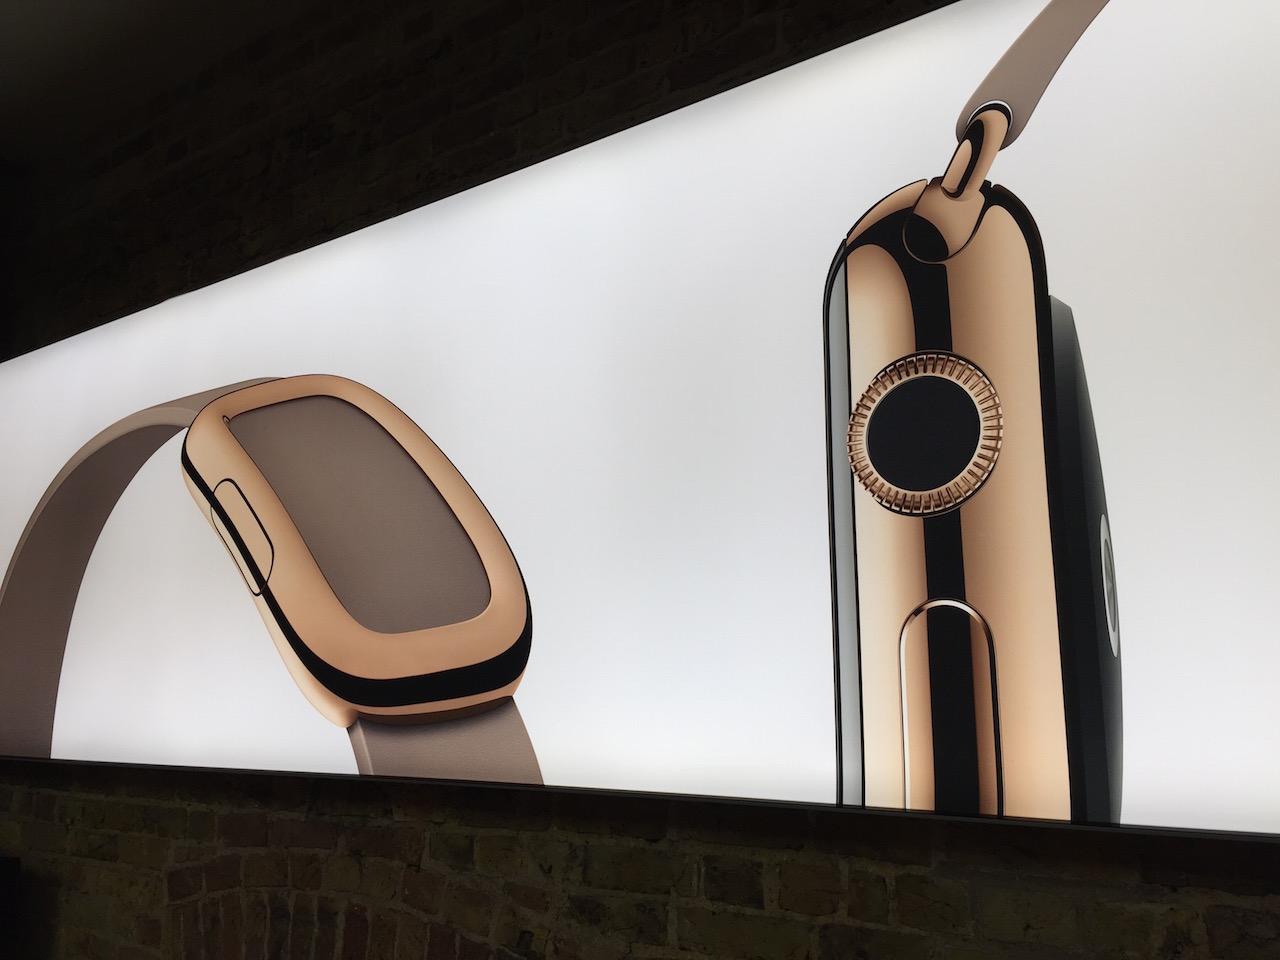 Tydzień z Apple Watchem: to jak na razie obietnica – recenzja Spider's Web